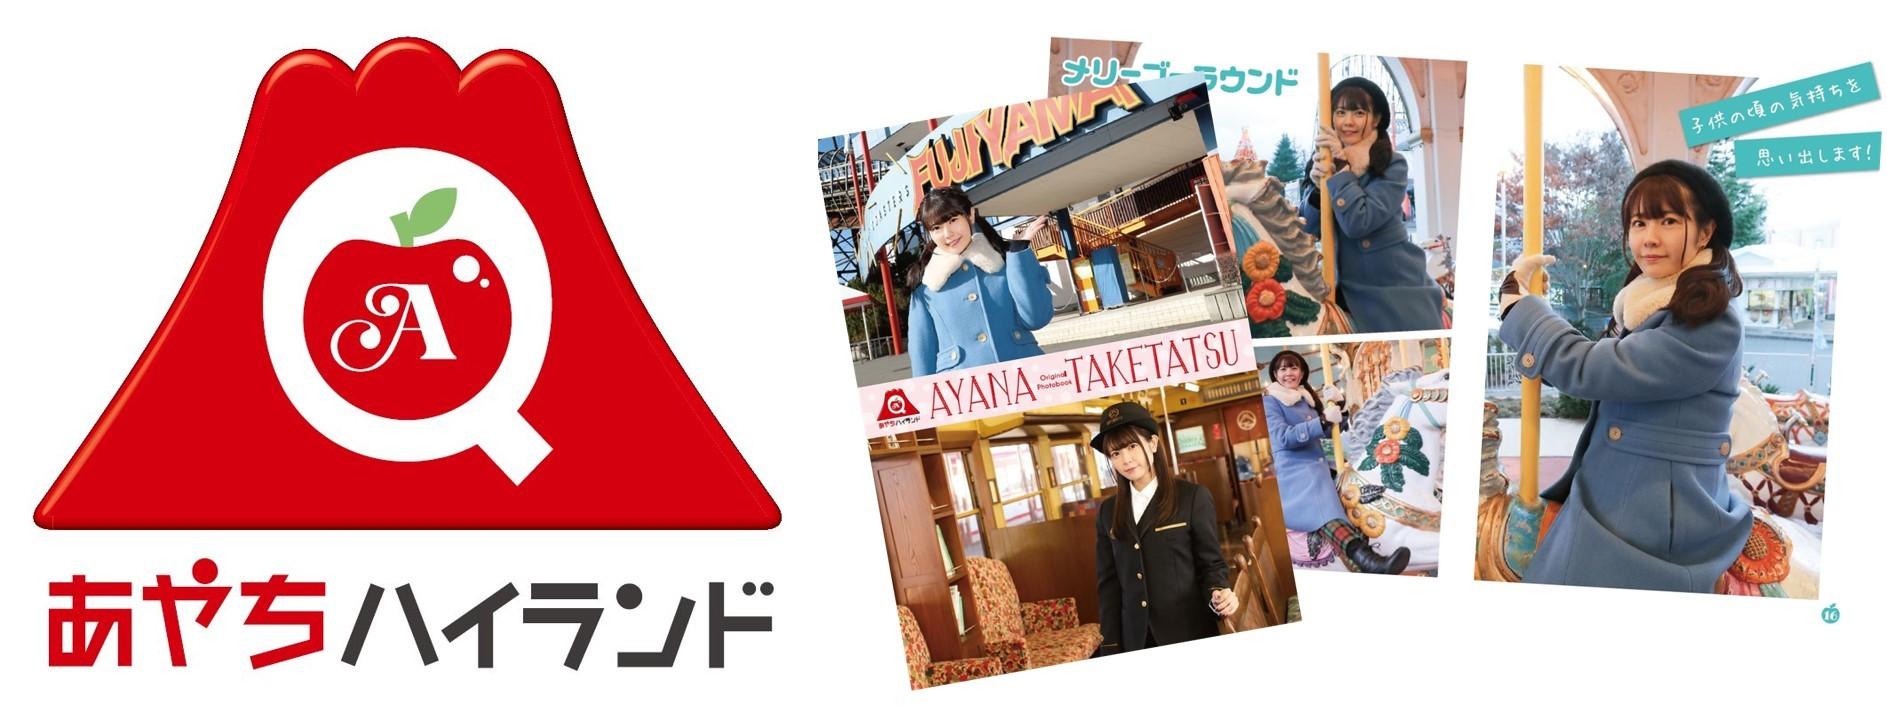 竹達彩奈×富士急ハイランド「あやちハイランド」 (C)FUJIKYUKO CO.,LTD.&FUJIKYU HIGHLAND.